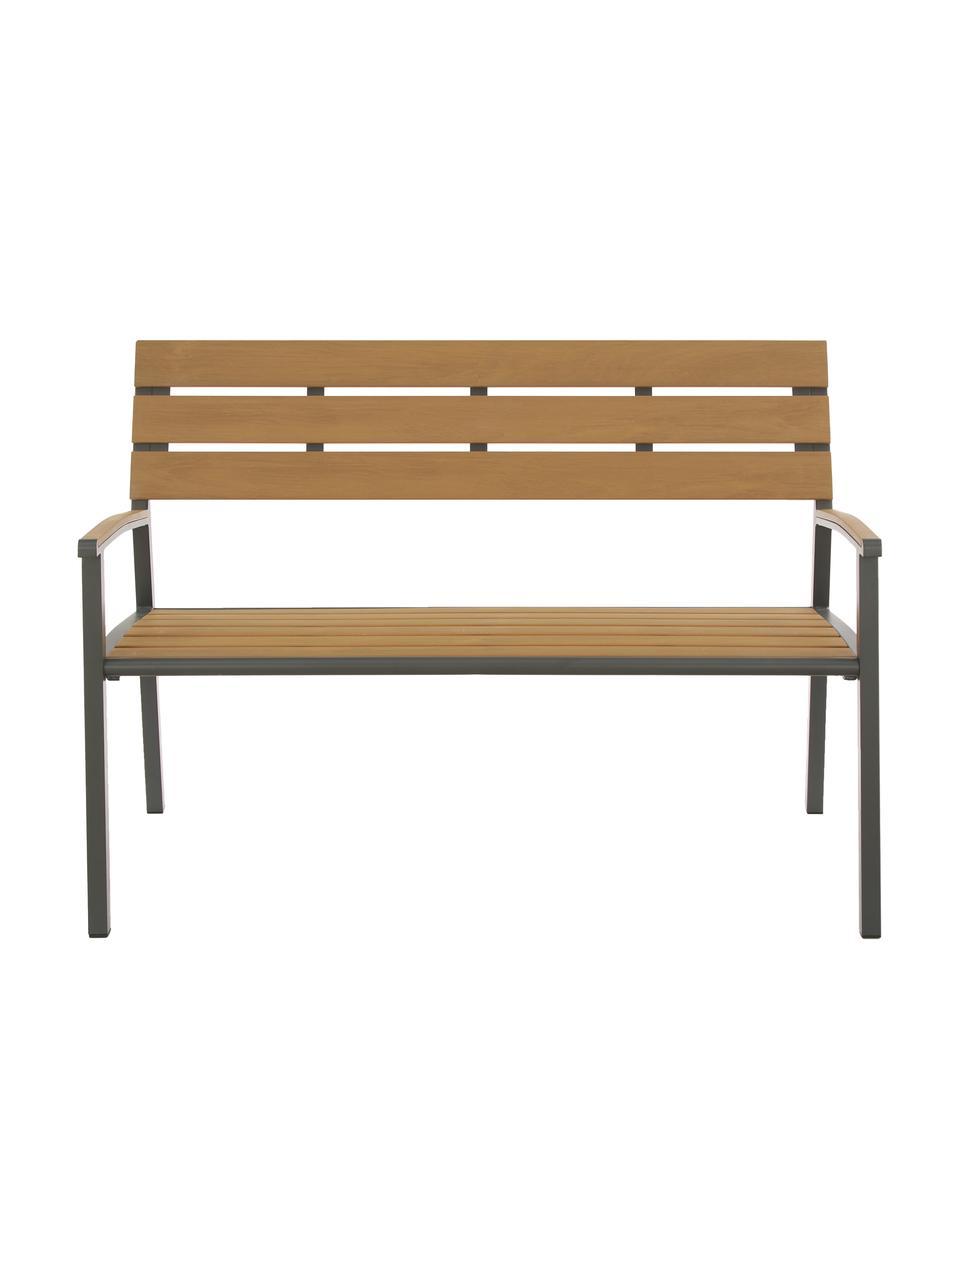 Garten-Sitbank Isak mit Rückenlehne, Sitzfläche: Sperrholz, beschichtet, Gestell: Aluminium, pulverbeschich, Anthrazit, Braun, 123 x 86 cm